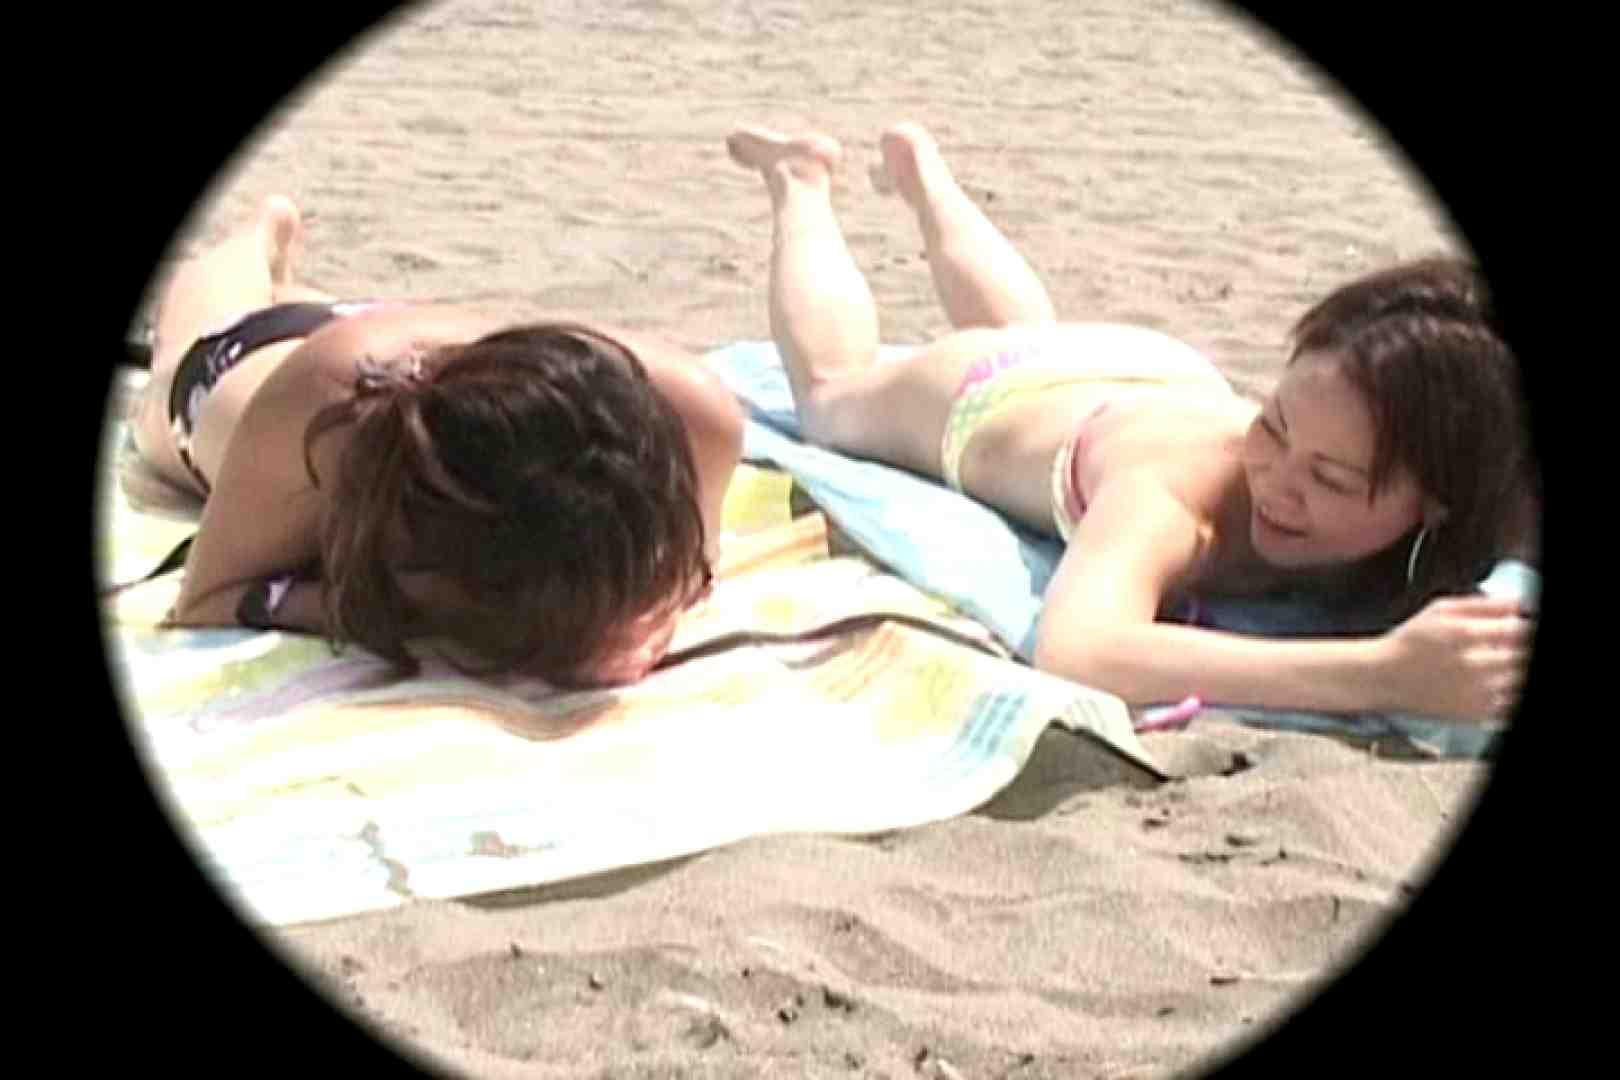 ビーチで発見!!はしゃぎ過ぎポロリギャルVol.5 日焼け 盗み撮り動画キャプチャ 108PICs 46